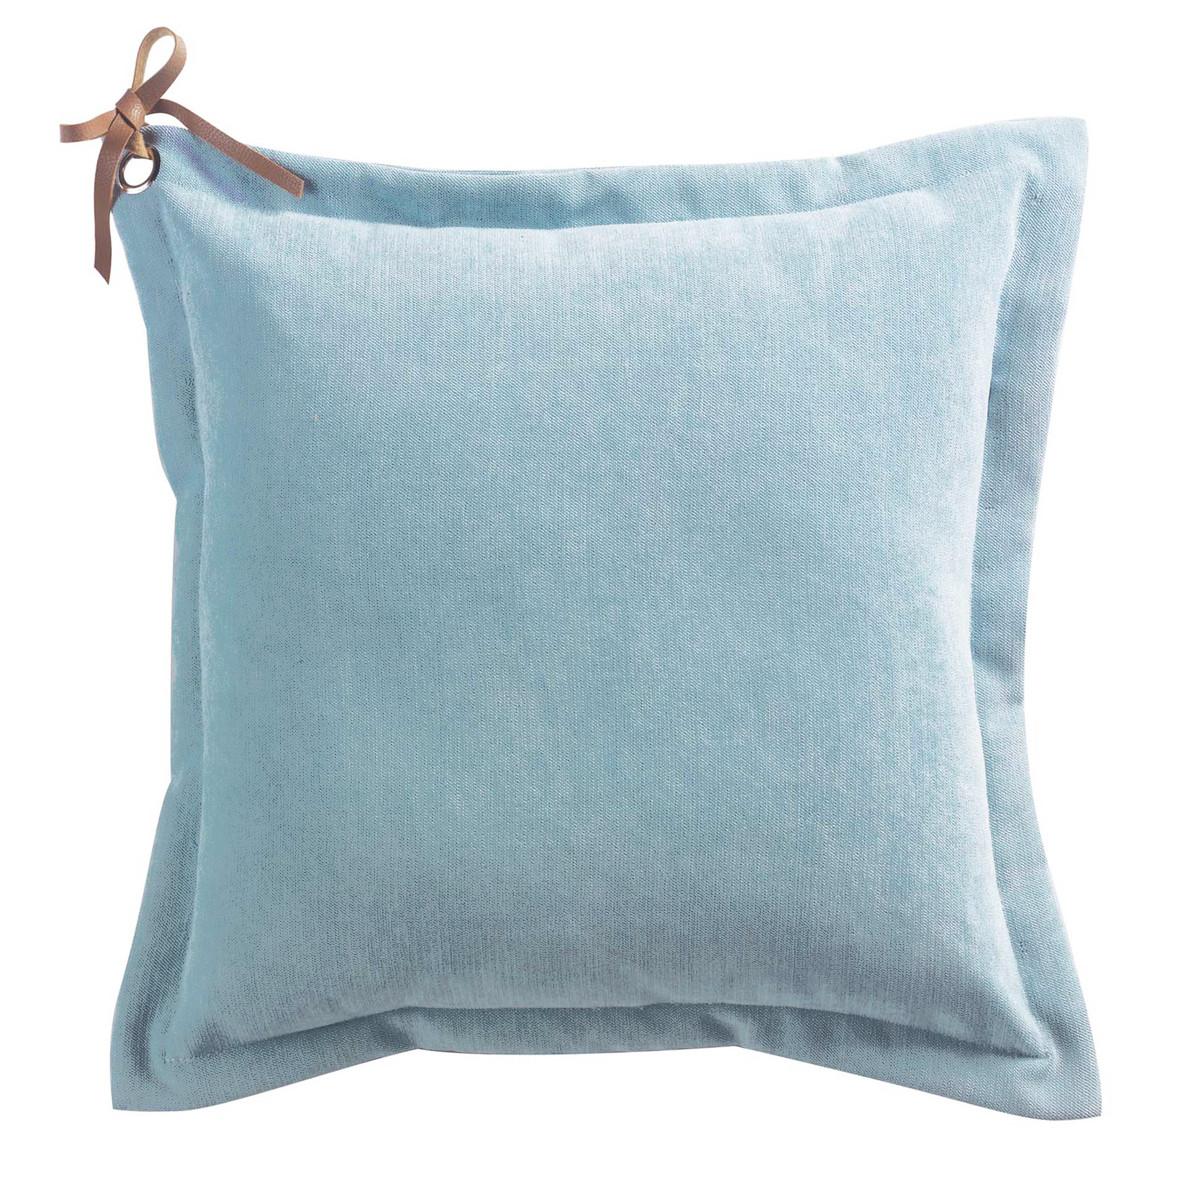 Διακοσμητικό Μαξιλάρι (40×40) Veloutine Bleu 1608138